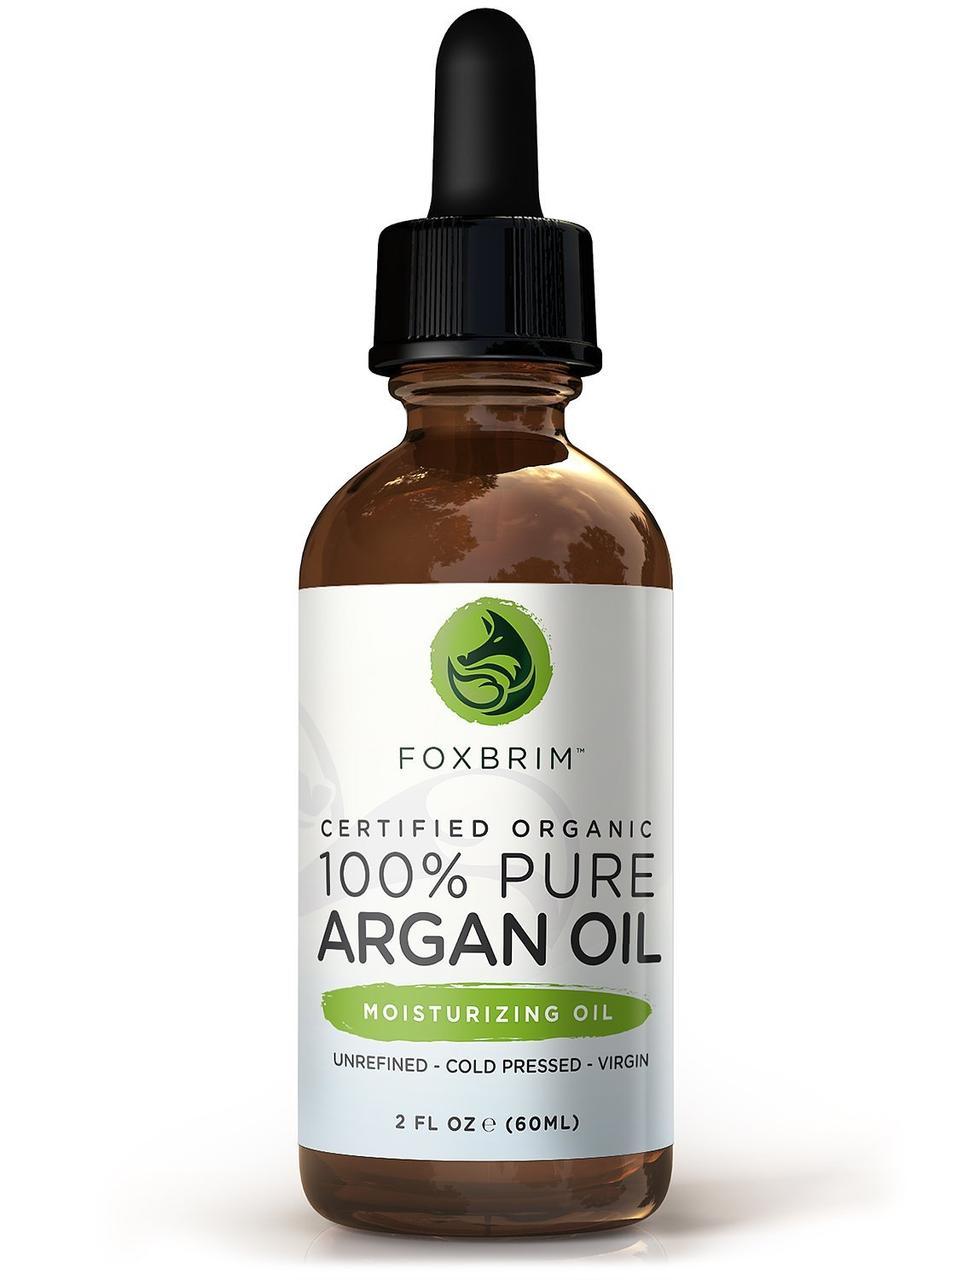 Органическое аргановое масло для волос, кожи и ногтей Foxbrim